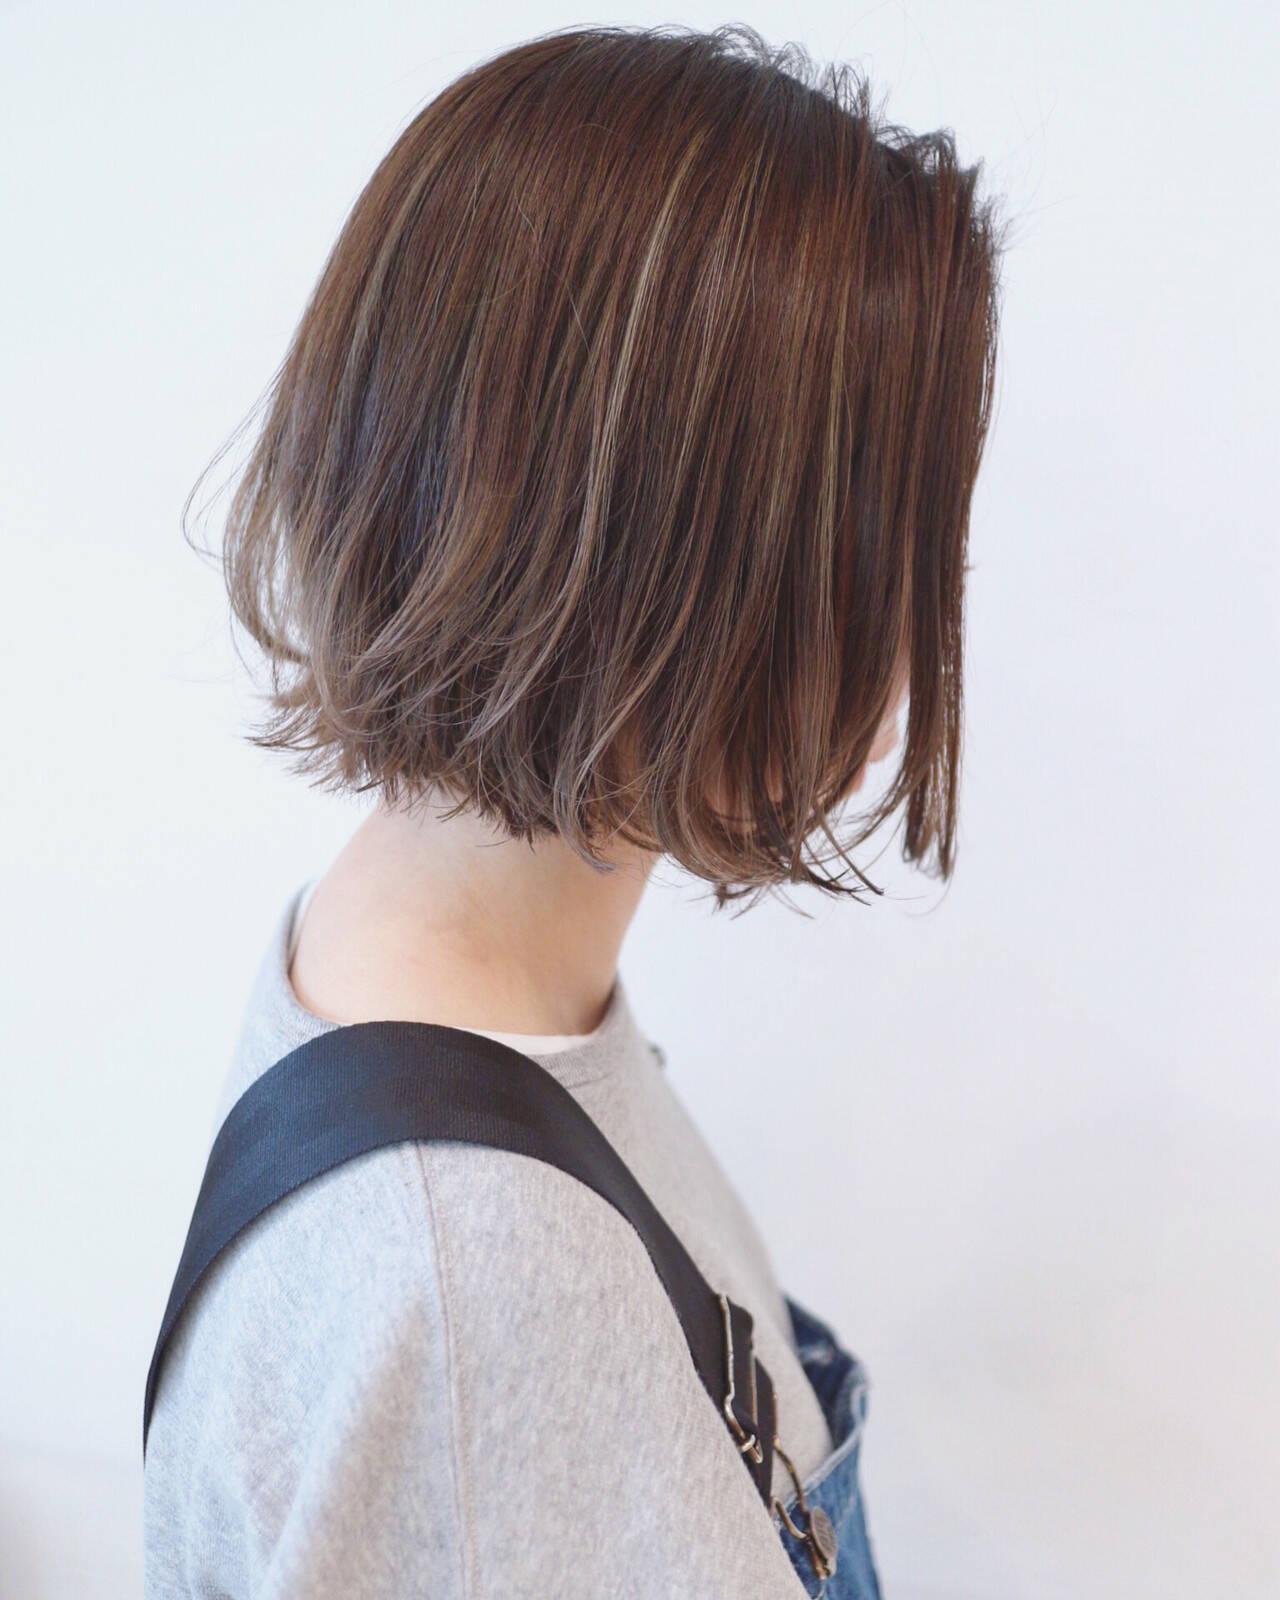 ナチュラルグラデーション ハイライト ボブ ストリートヘアスタイルや髪型の写真・画像